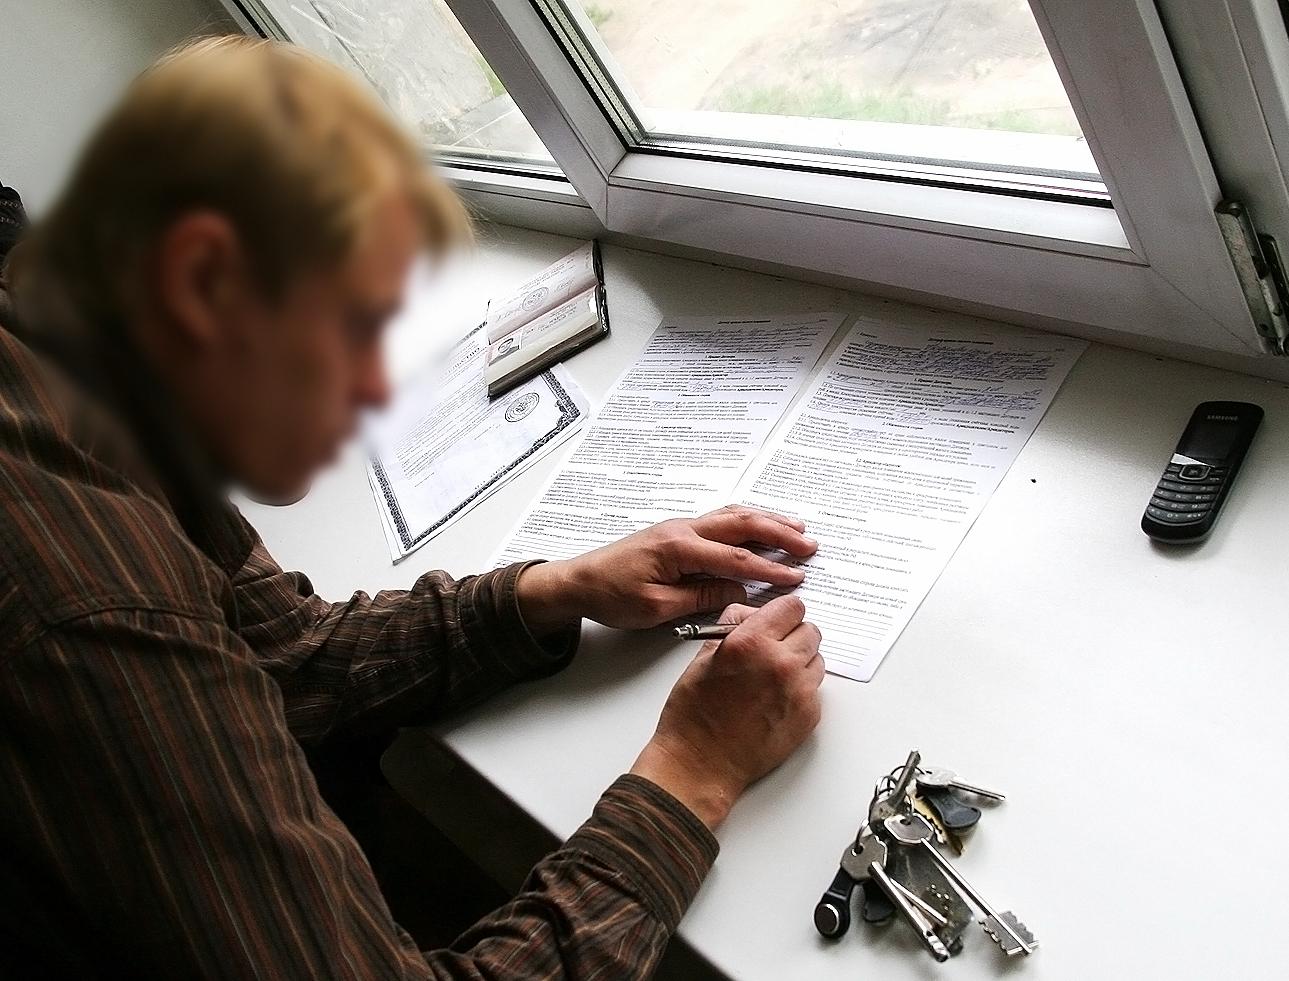 В Москве растет число грязных сделок с недвижимостью